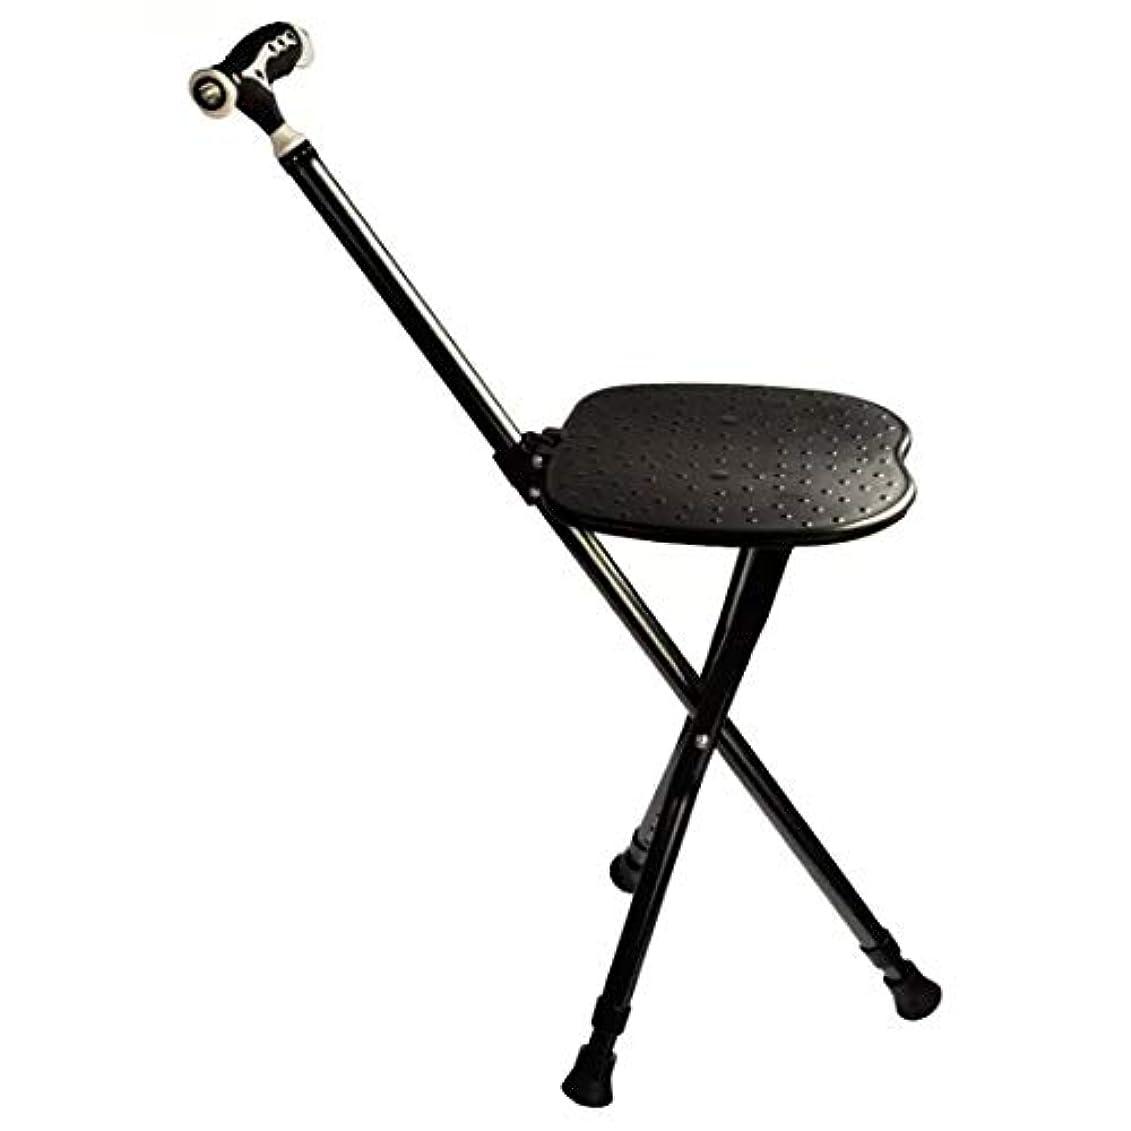 感覚ドレス売るステッキチェアスポーツアウトドア椅子一本杖折りたたみ杖3本脚 折りたたみ 杖 椅子 5段階調節 伸缩 軽量 介護 アウトドアコンパクト おしゃれ 登山 お年寄り 歩行補助 96-86cm 電池なし